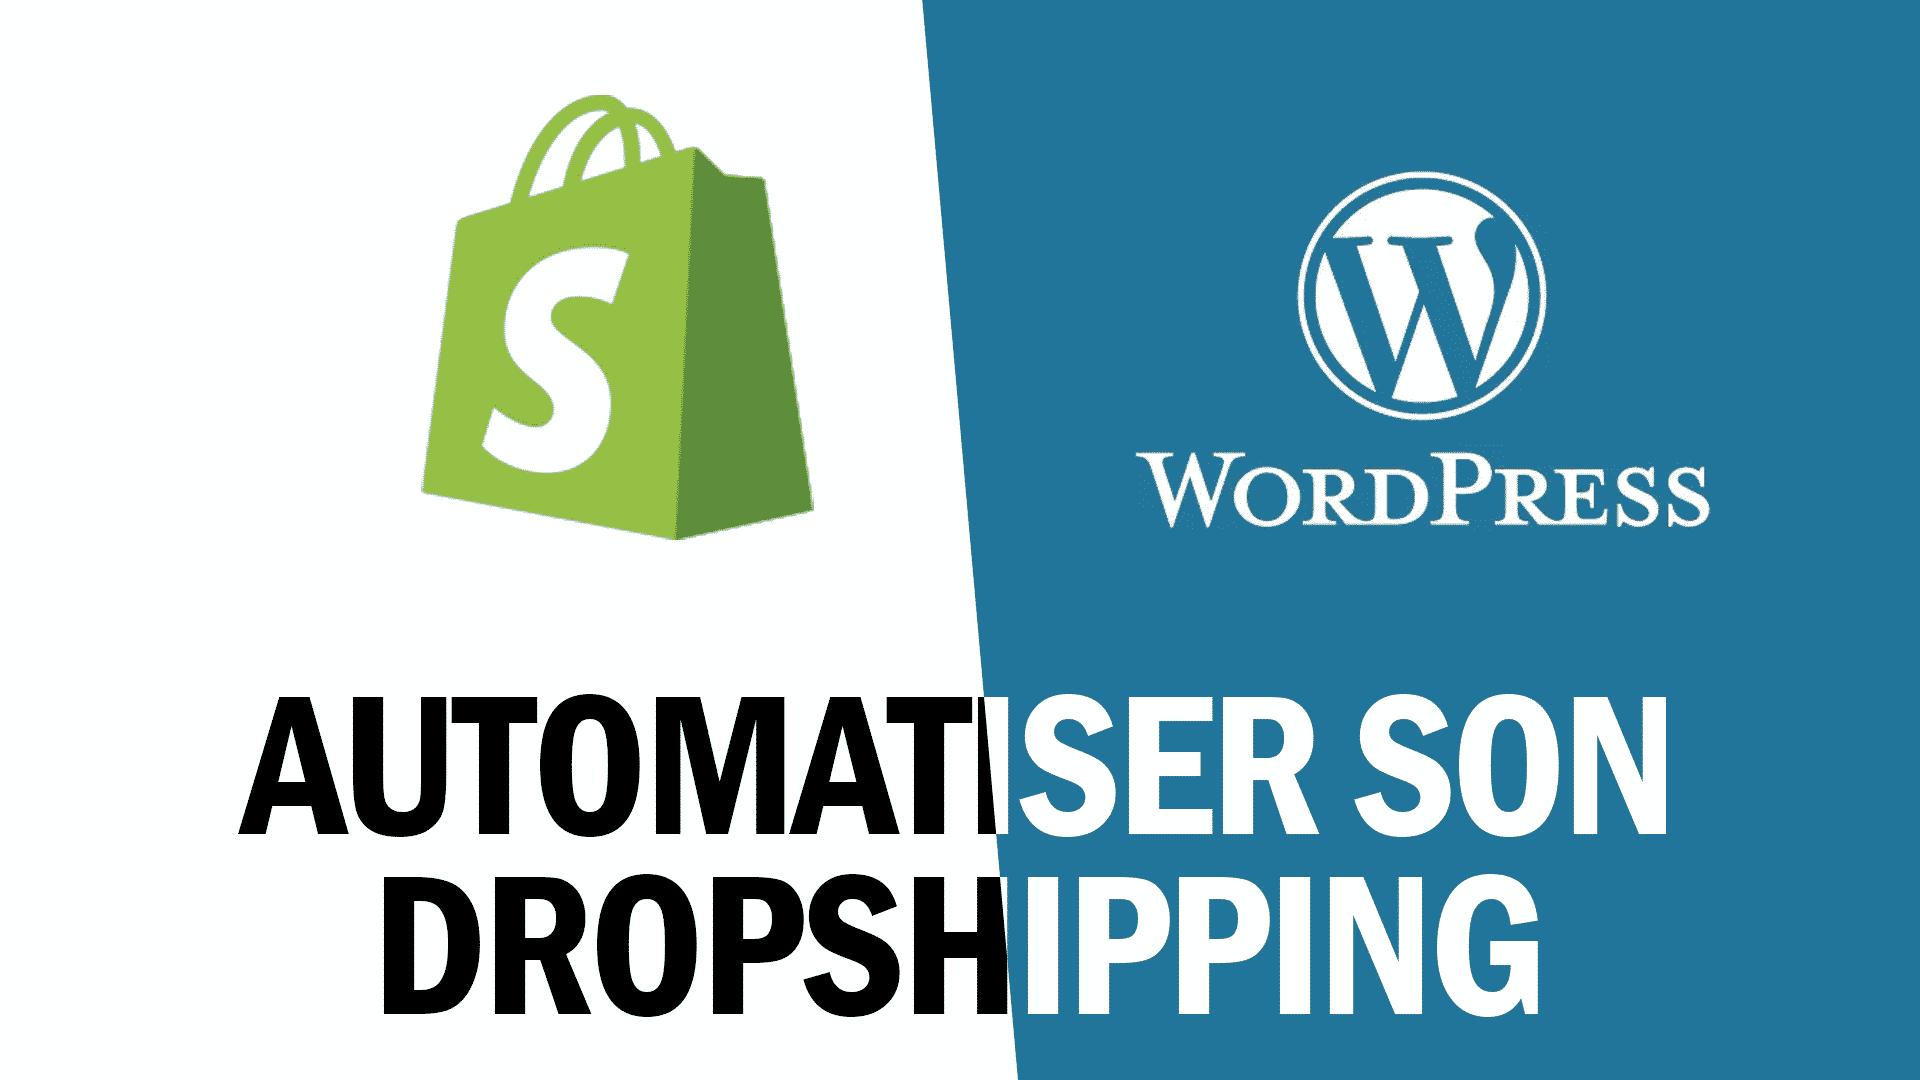 Comment automatiser le dropshipping sur shopify et woocommerce ?